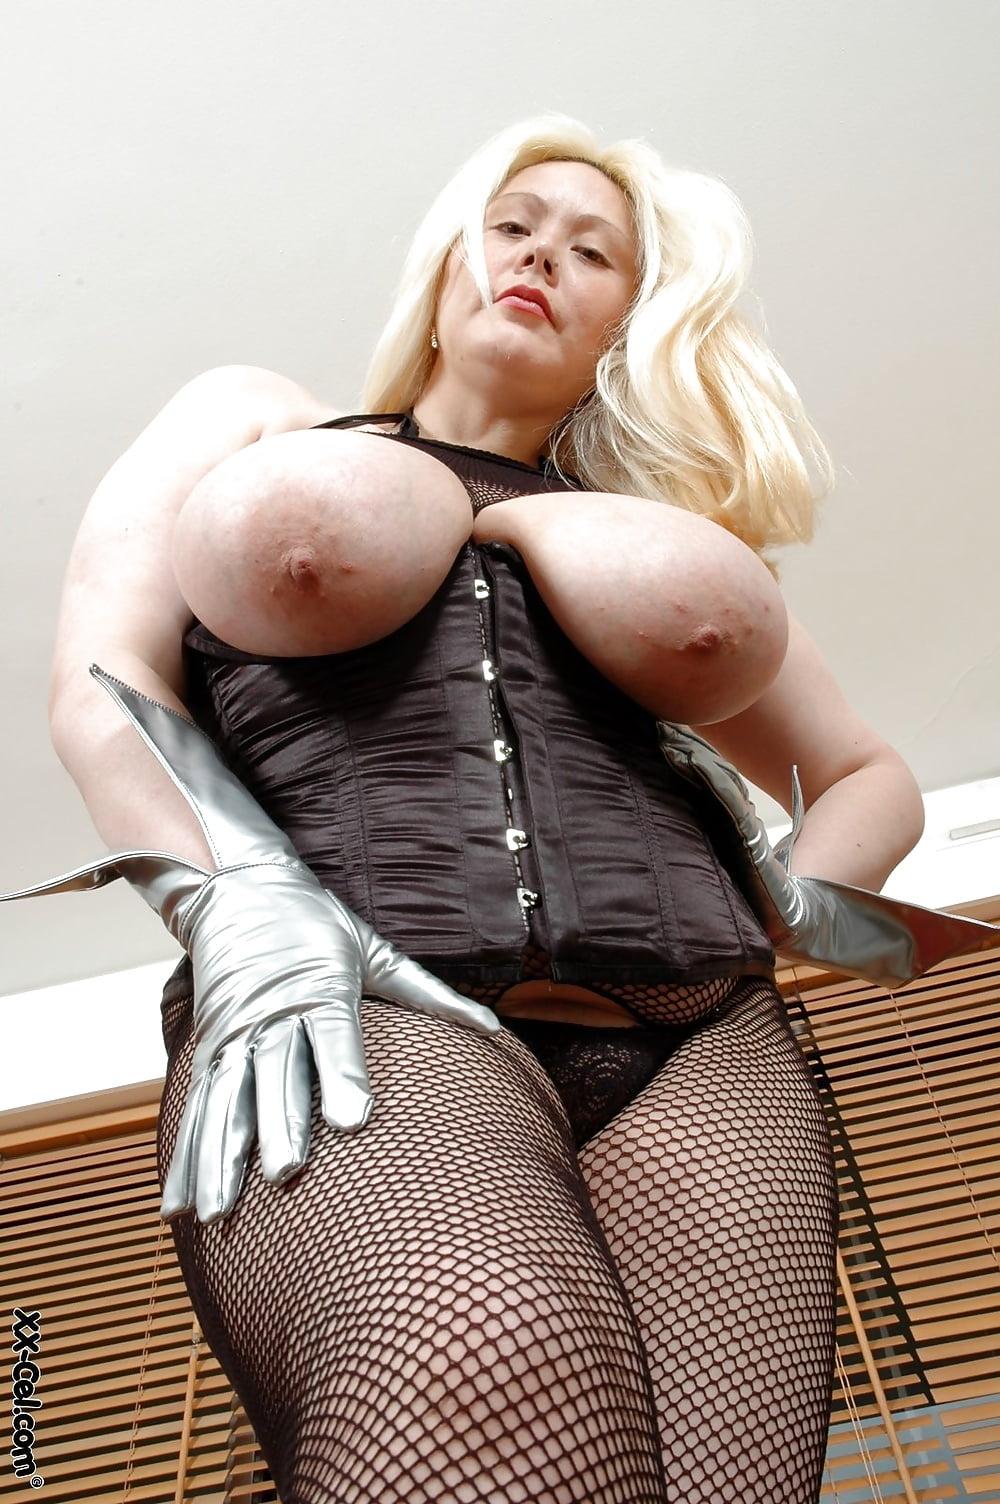 Fat nude women gallery-6584